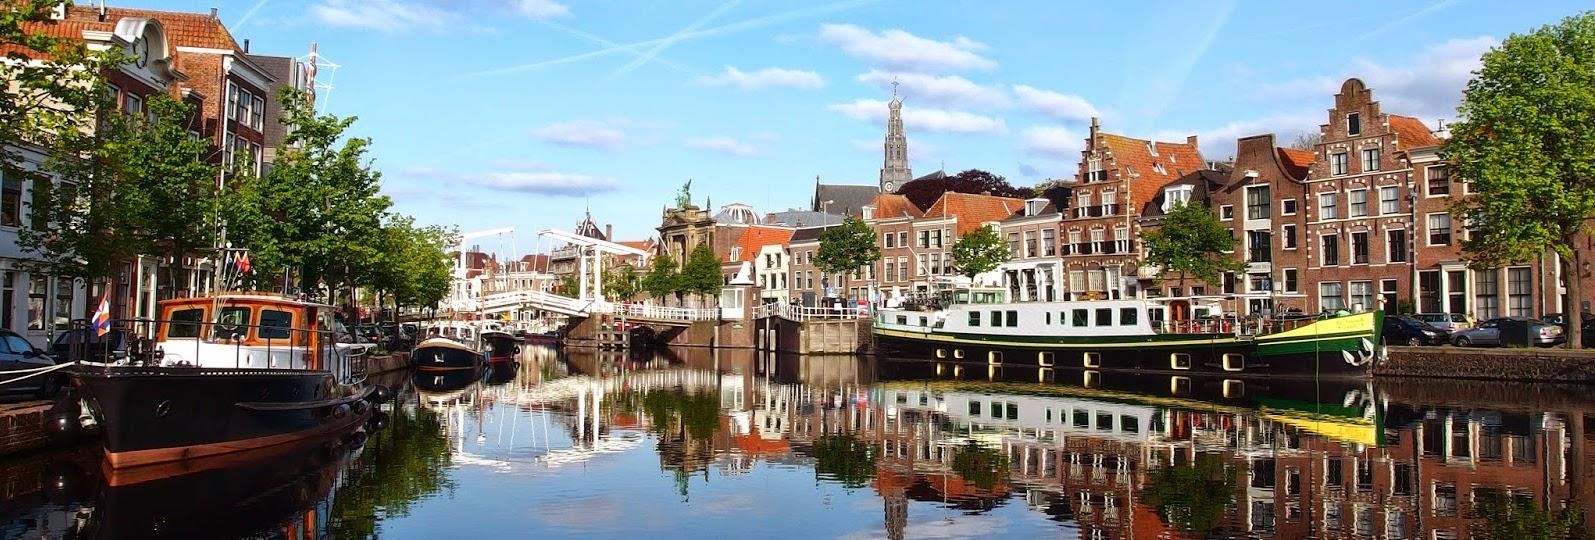 Huizen aan water: Haarlem Route met de motor